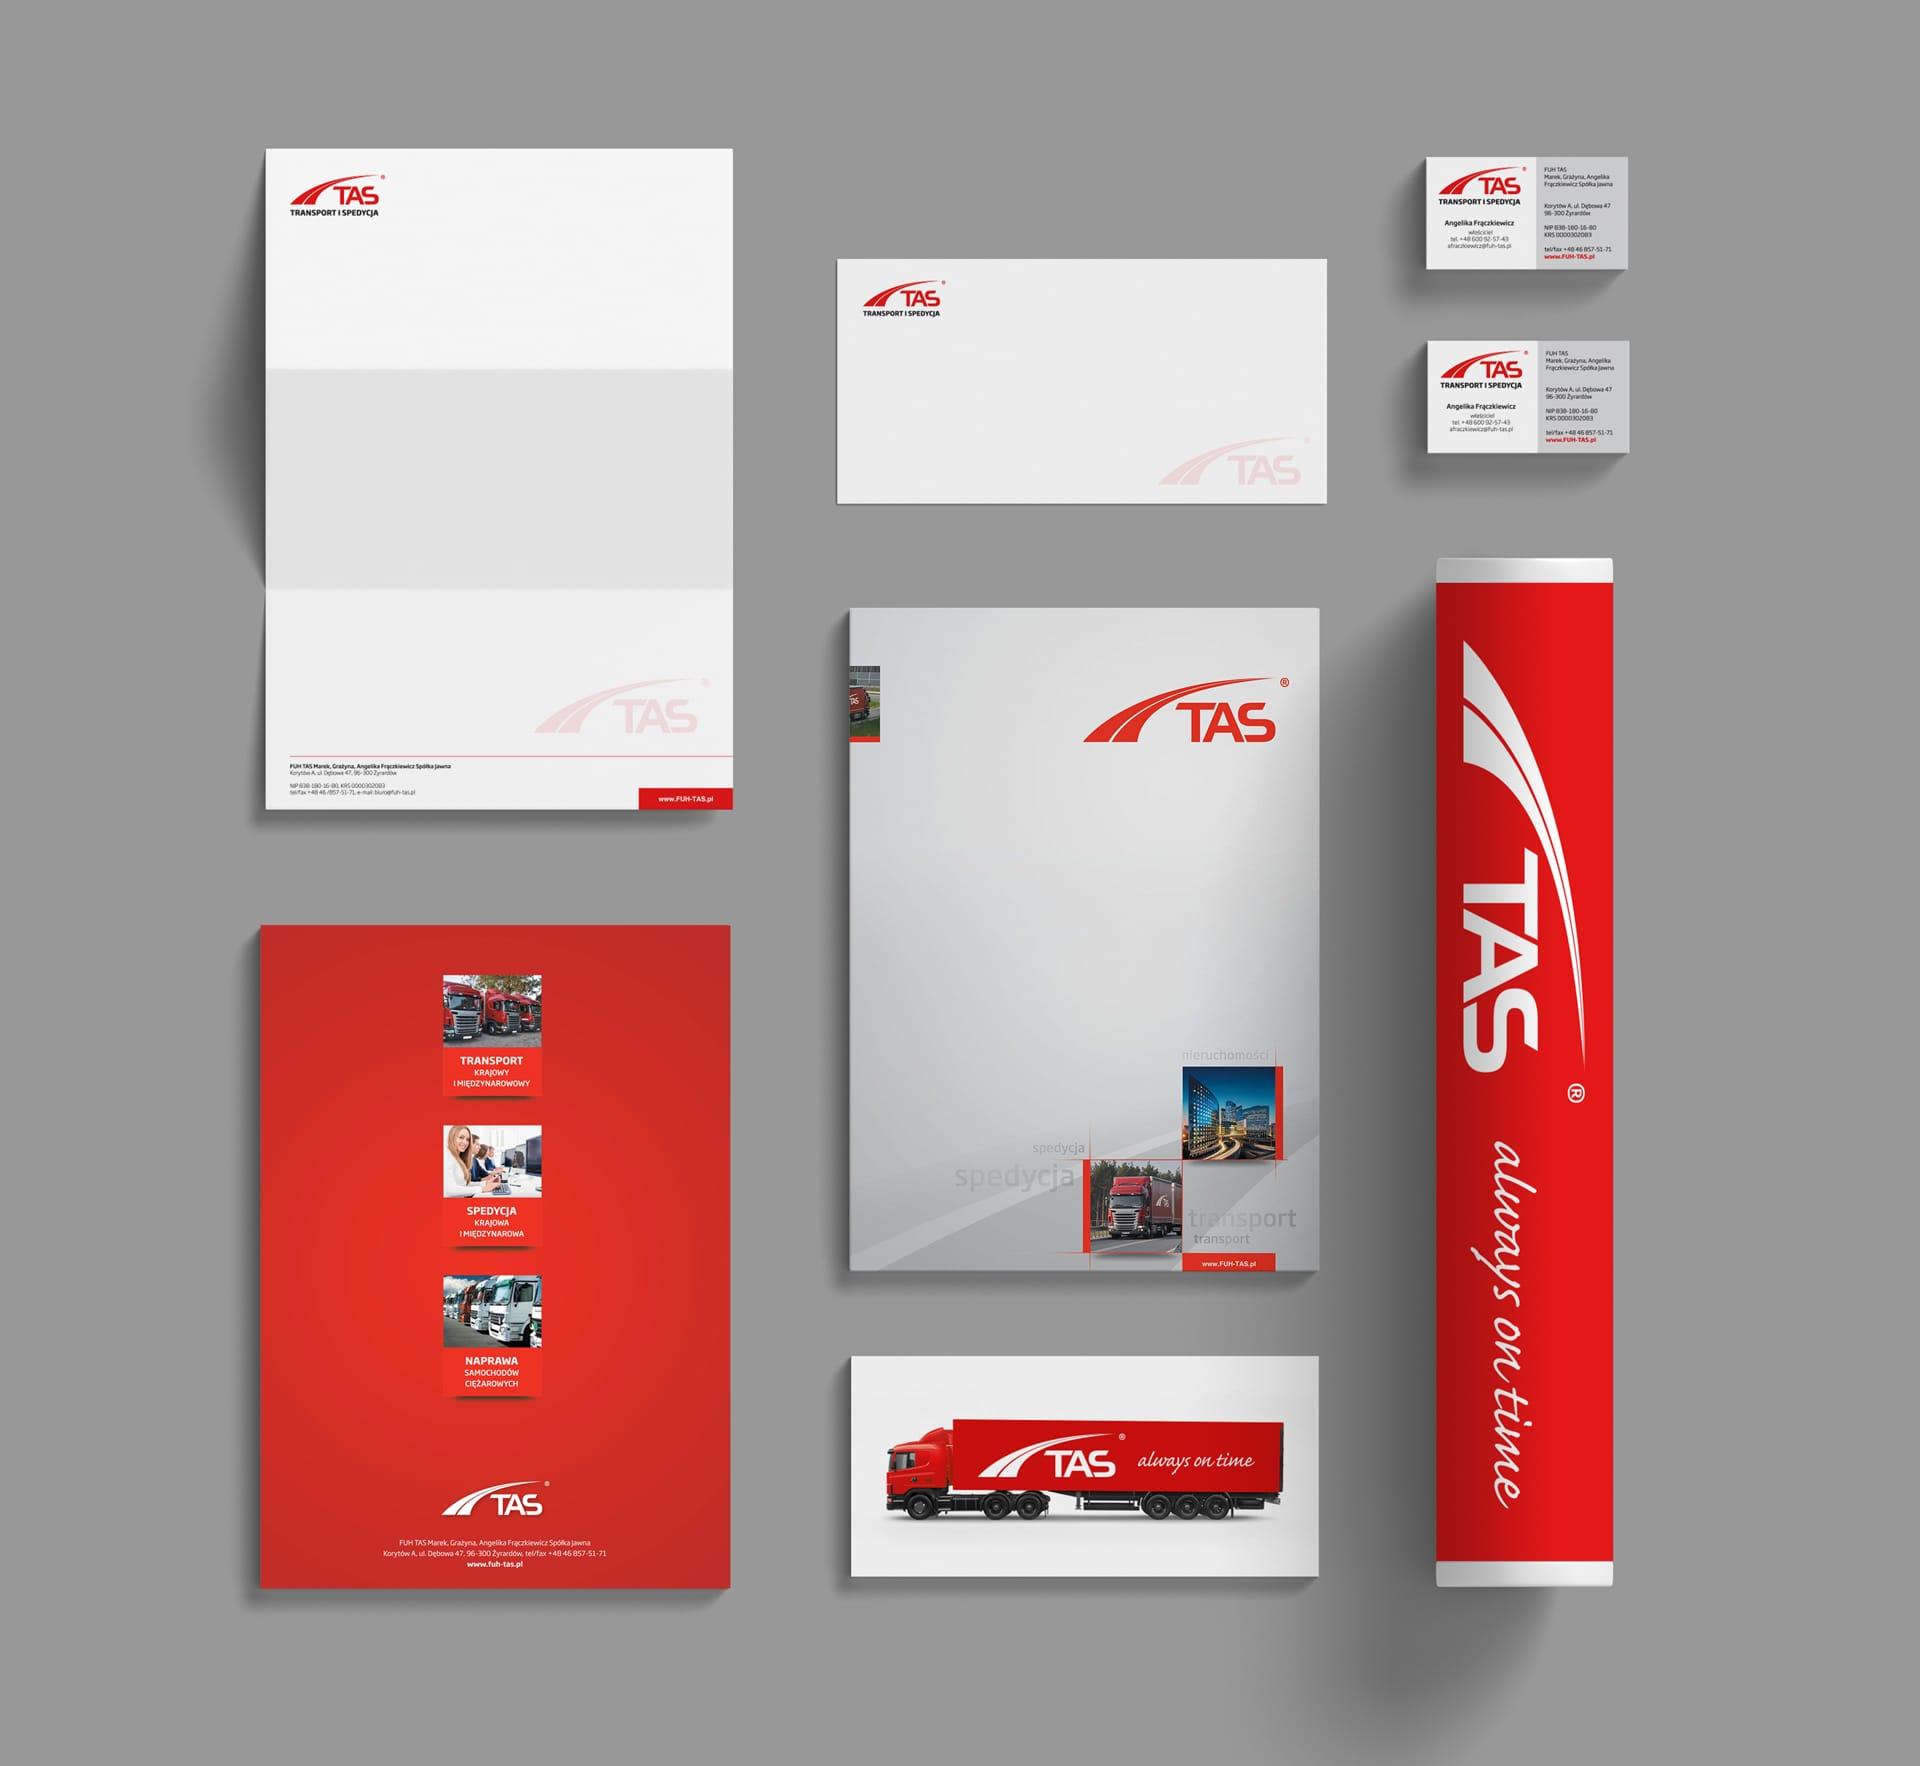 TAS Transport Spedycja identyfikacja wizualna Agencja brandingowa Moweli Creative